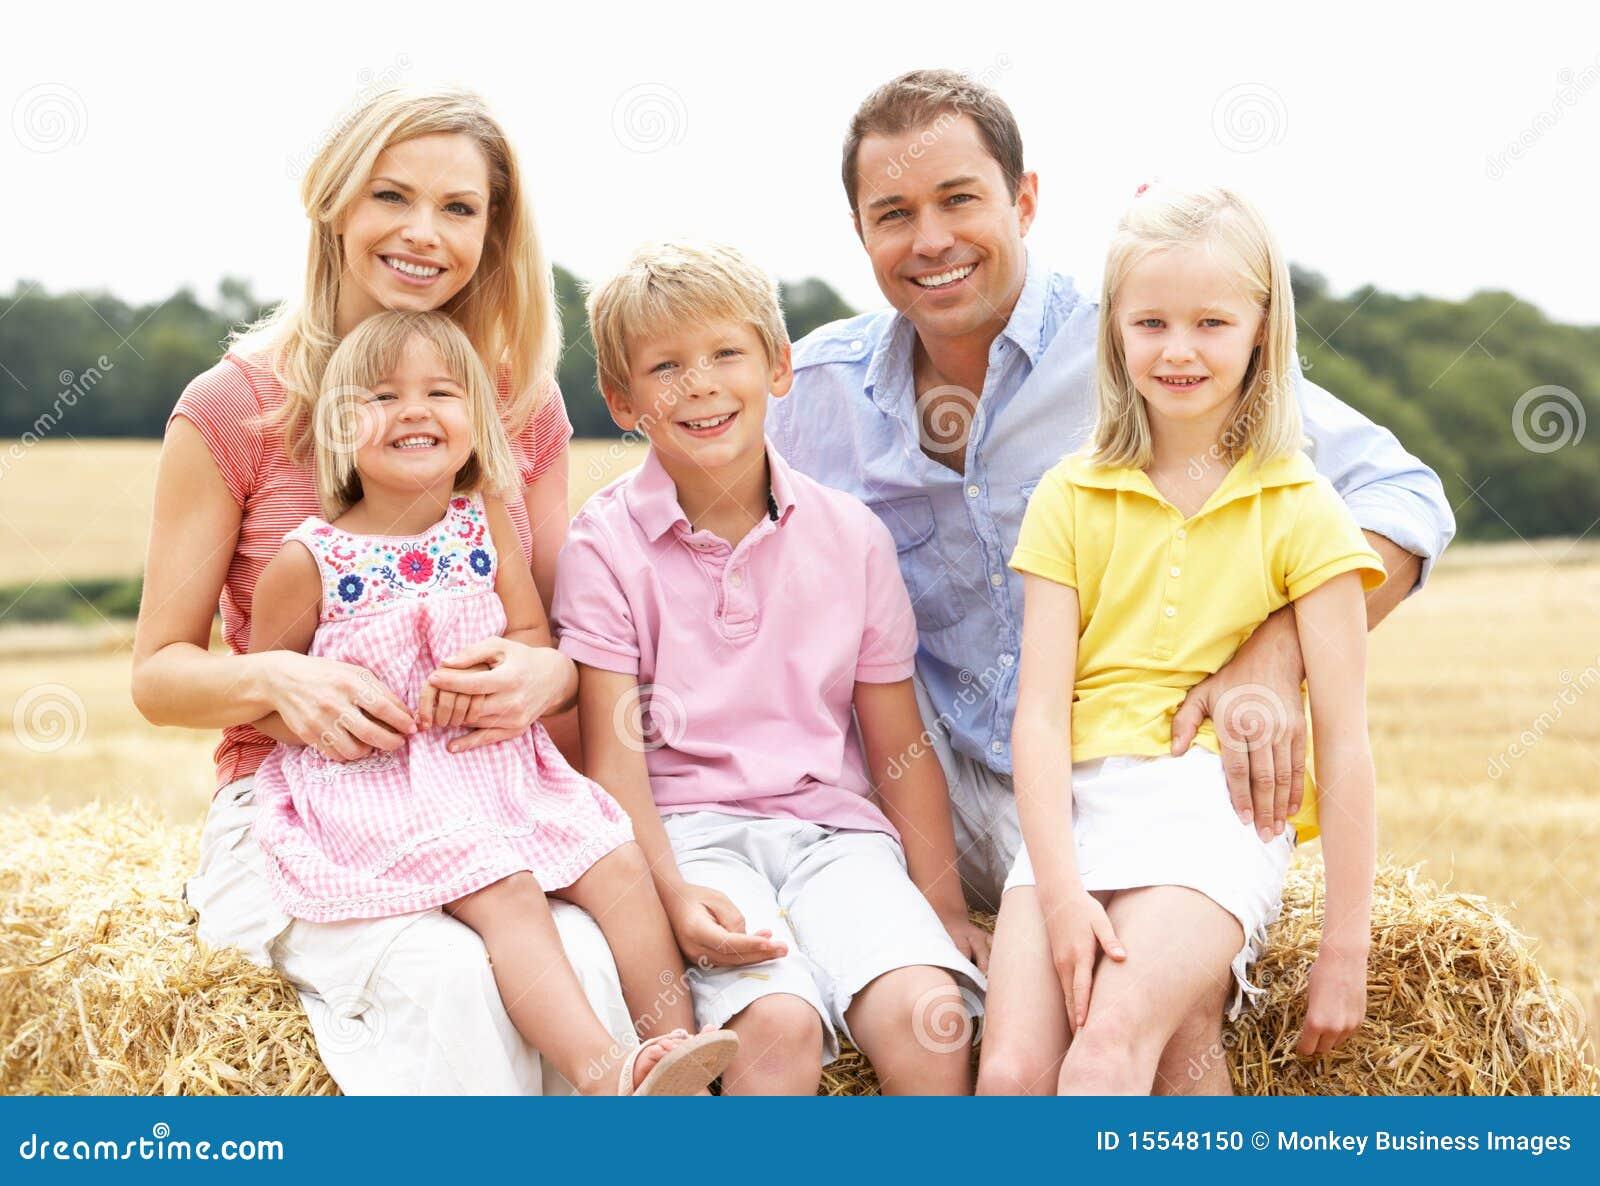 Как прокомментировать фото семьи с ребенком